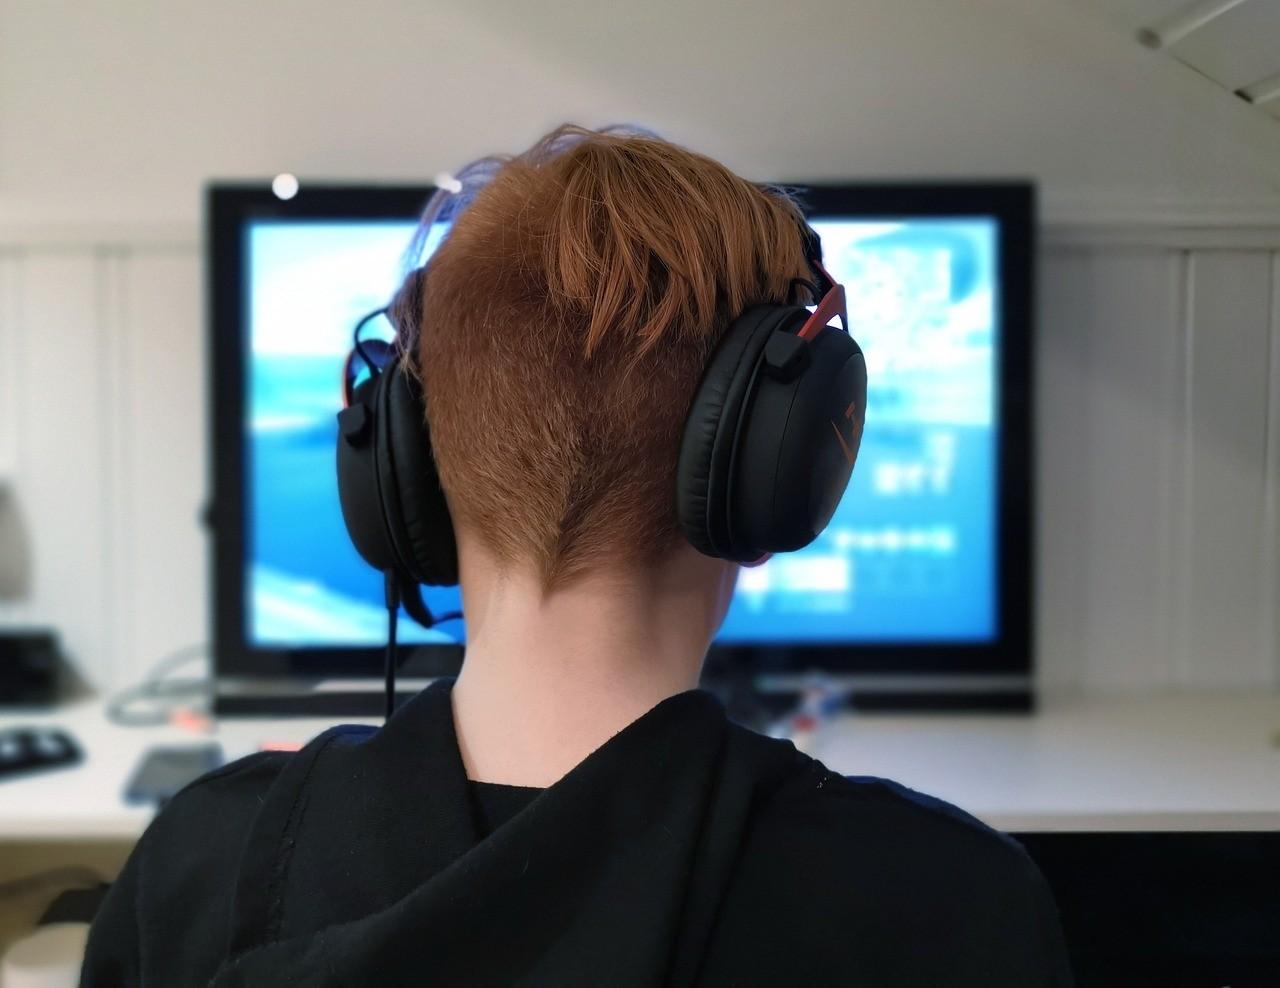 代表建议网络游戏开启实名制人脸识别 禁未成年人下载